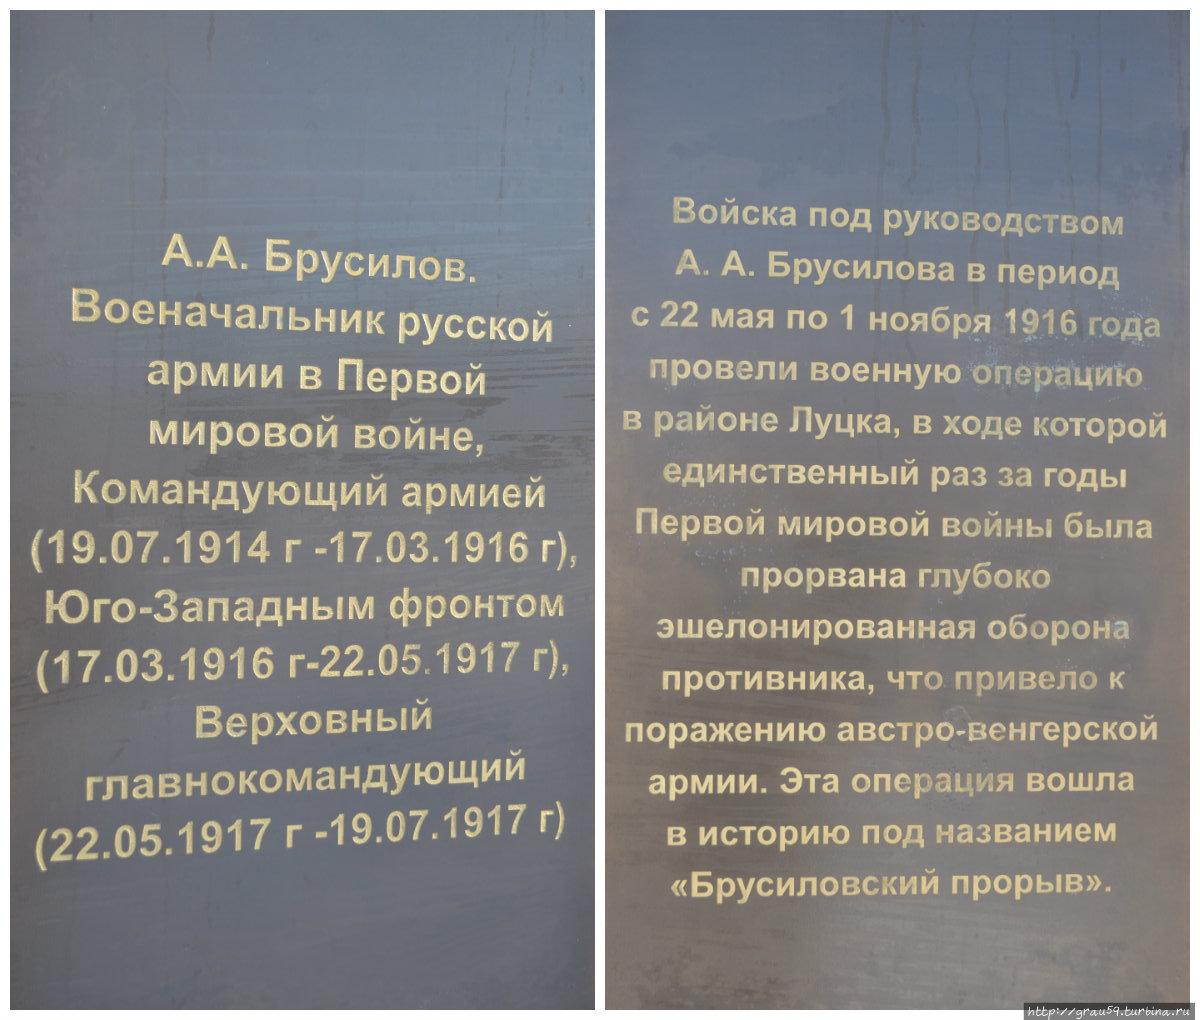 Бюст русского и советского военачальника А. А. Брусилова